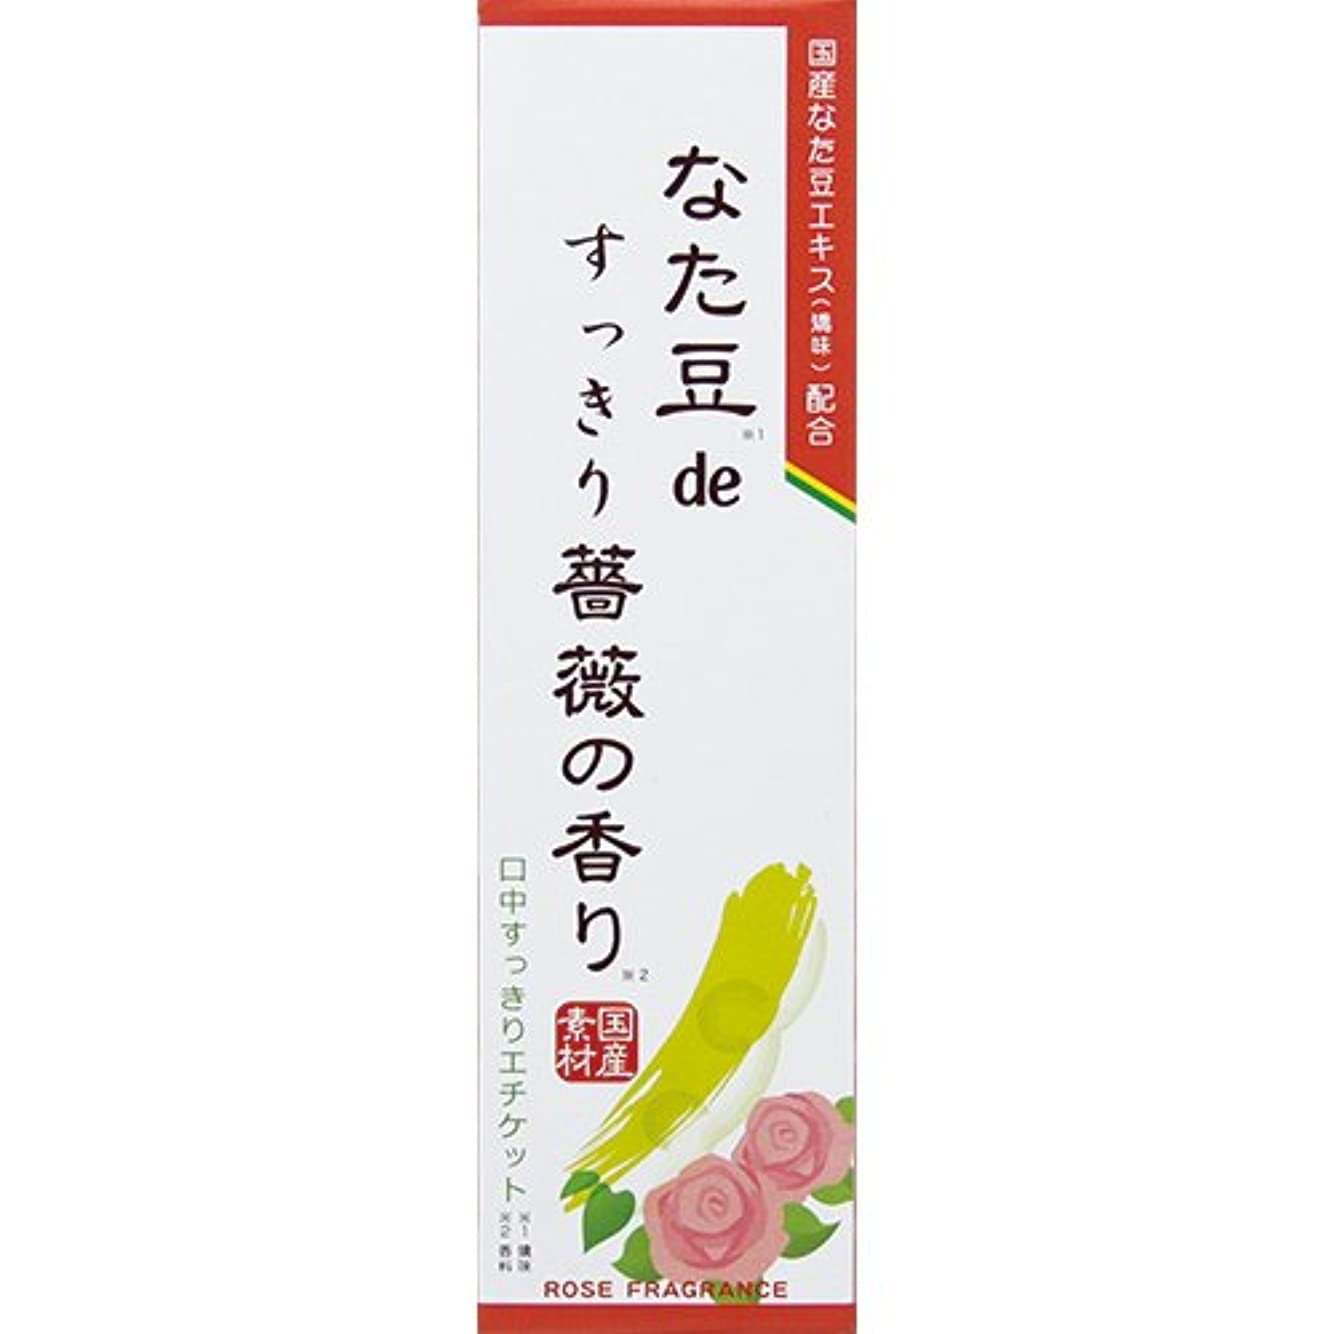 ほかに実業家徐々になた豆deすっきり薔薇の香り 120g